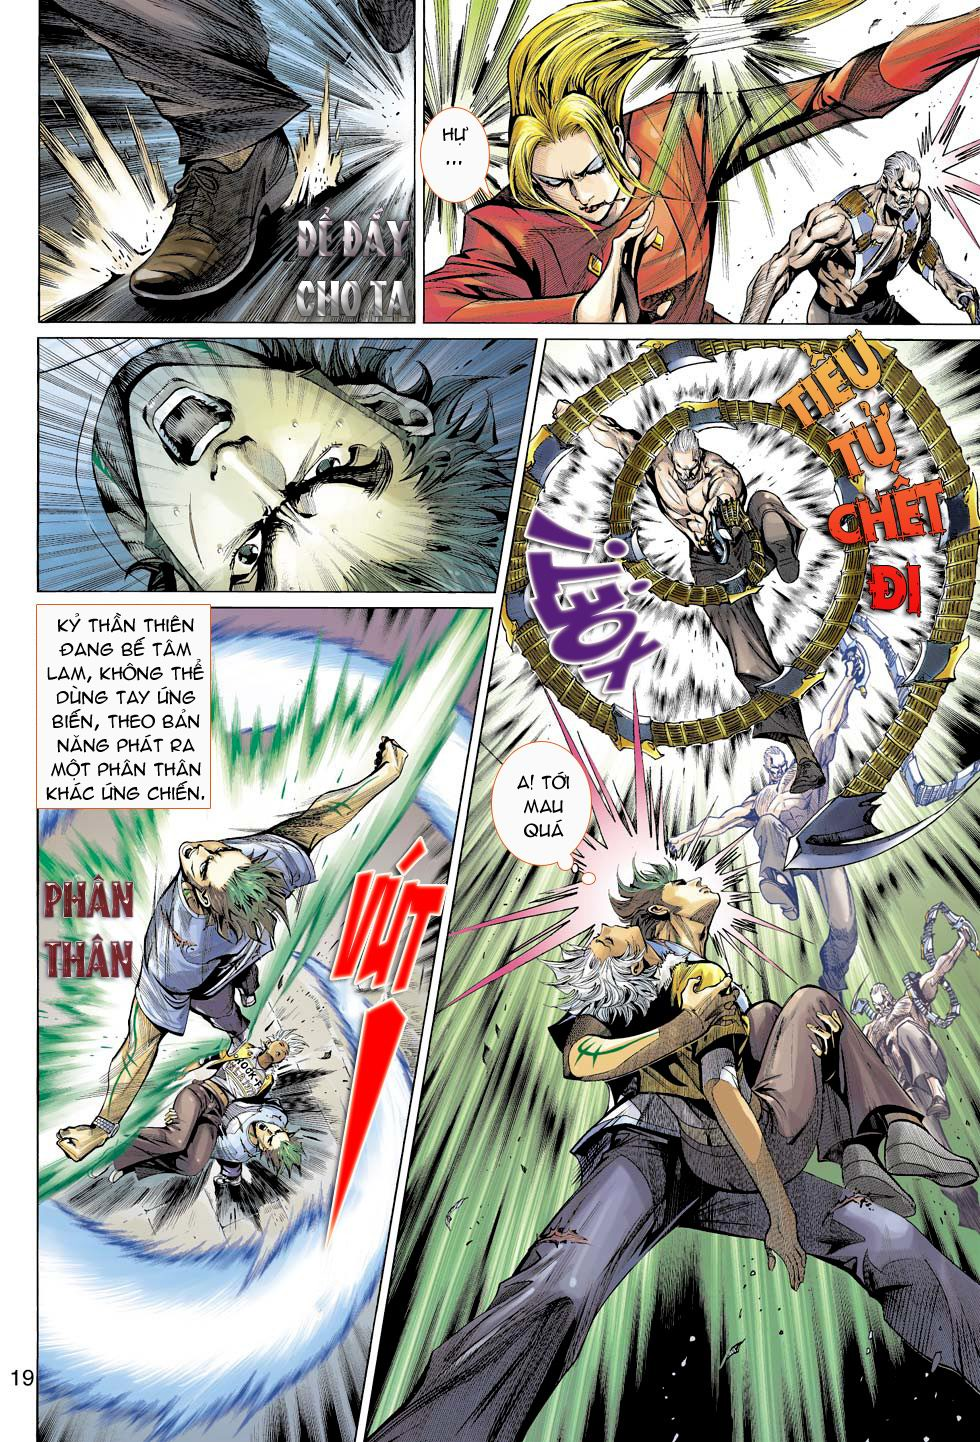 Thần Binh 4 chap 16 - Trang 19